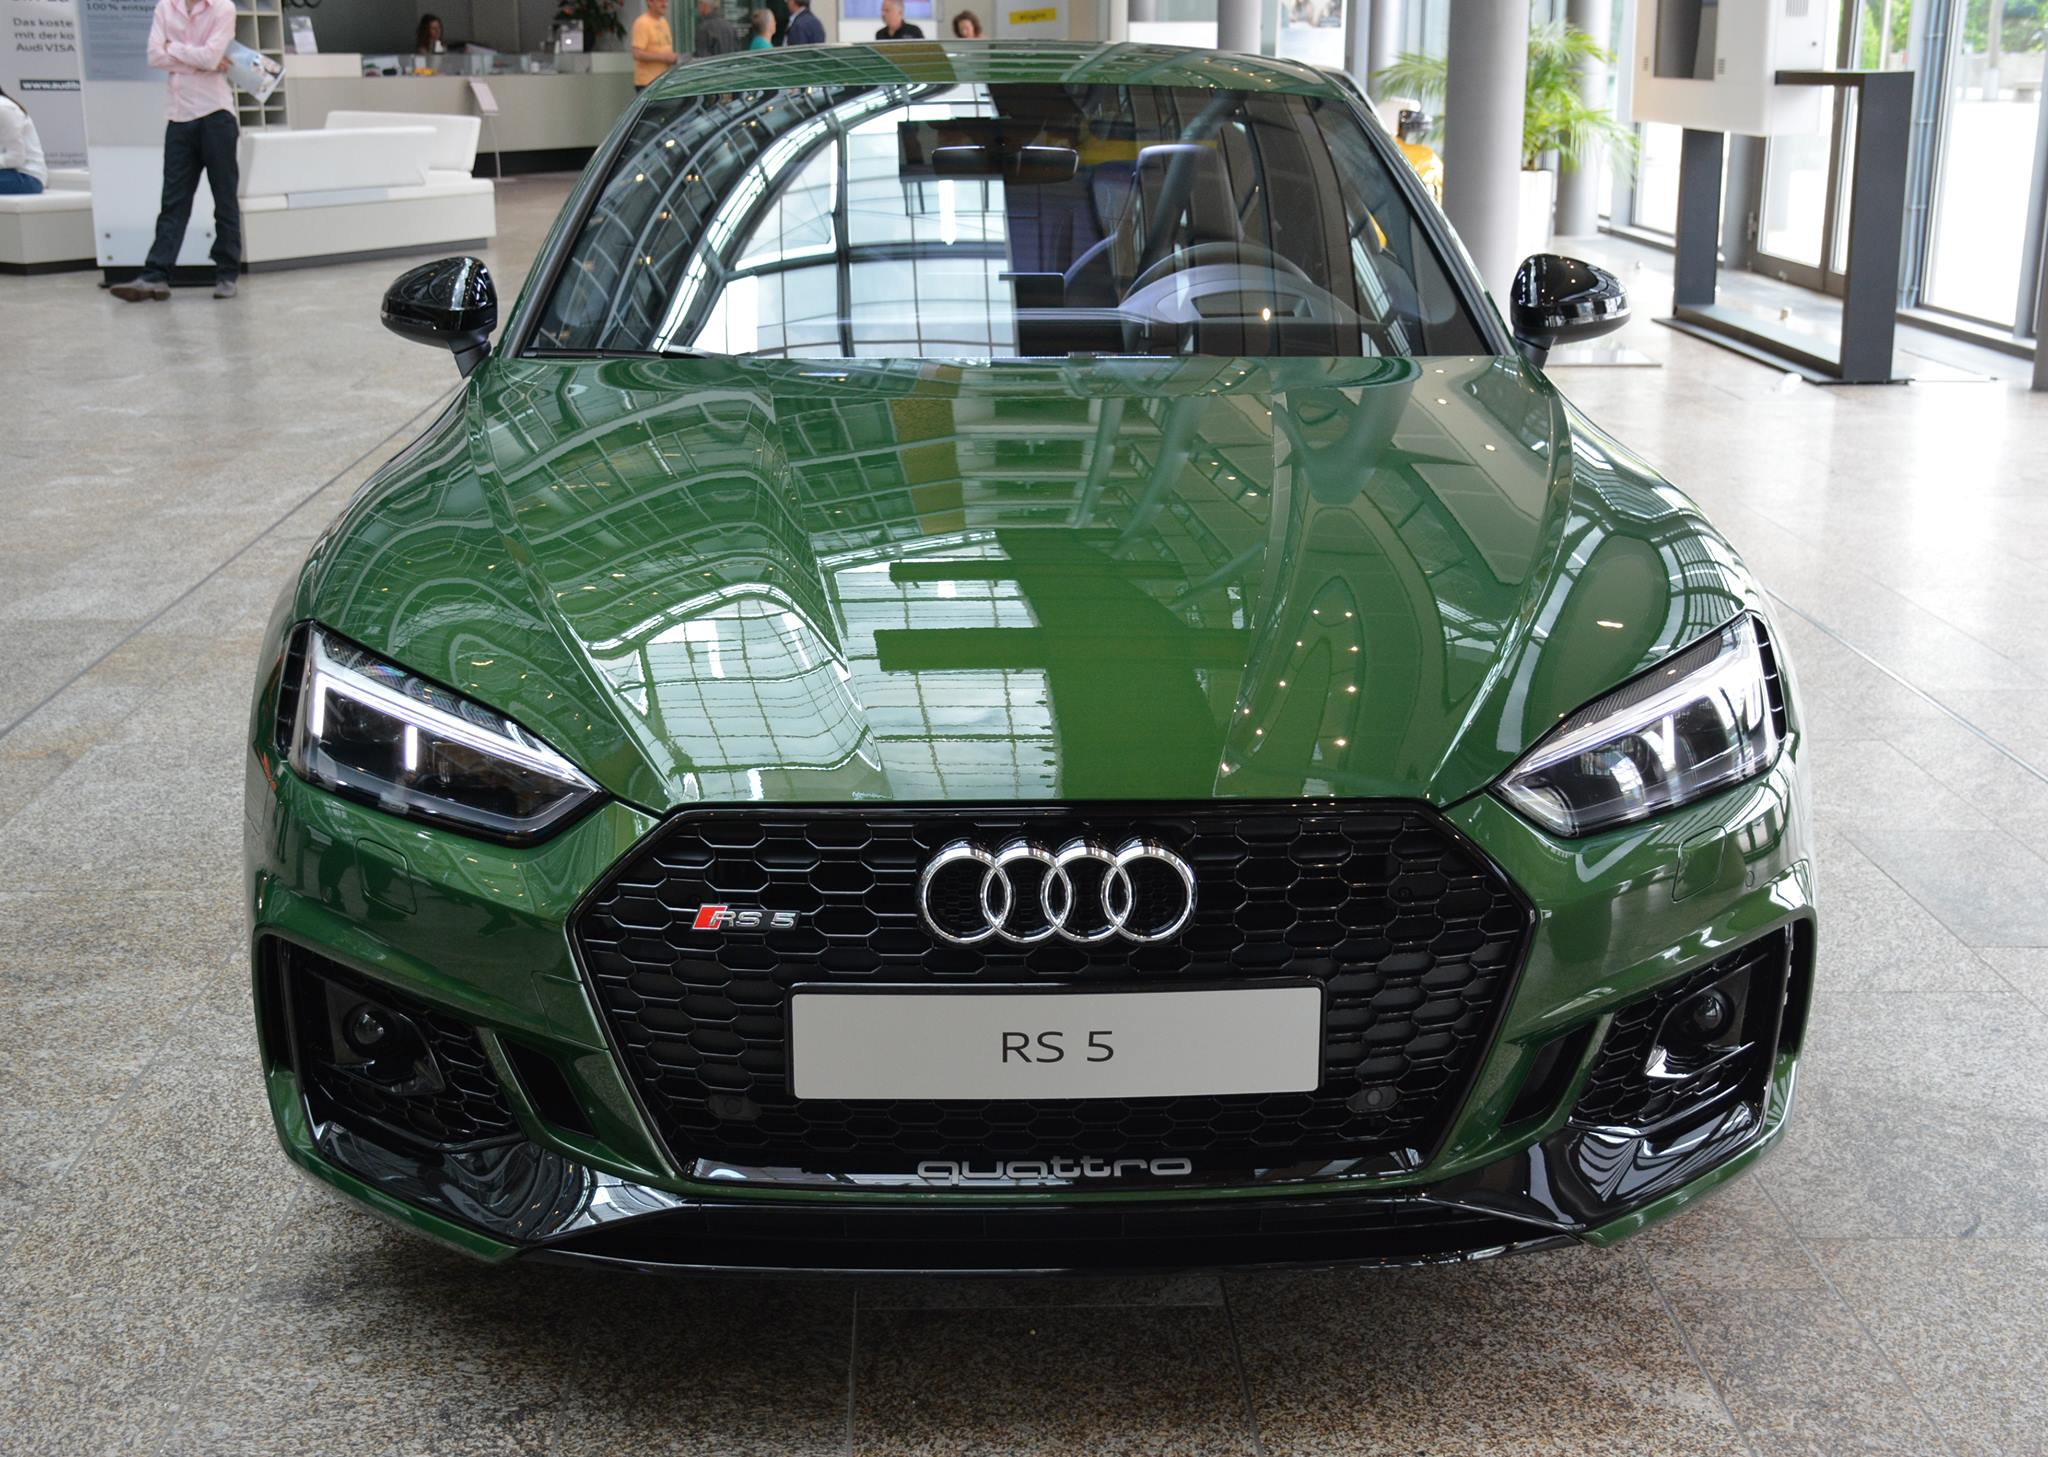 Best Car Finder App